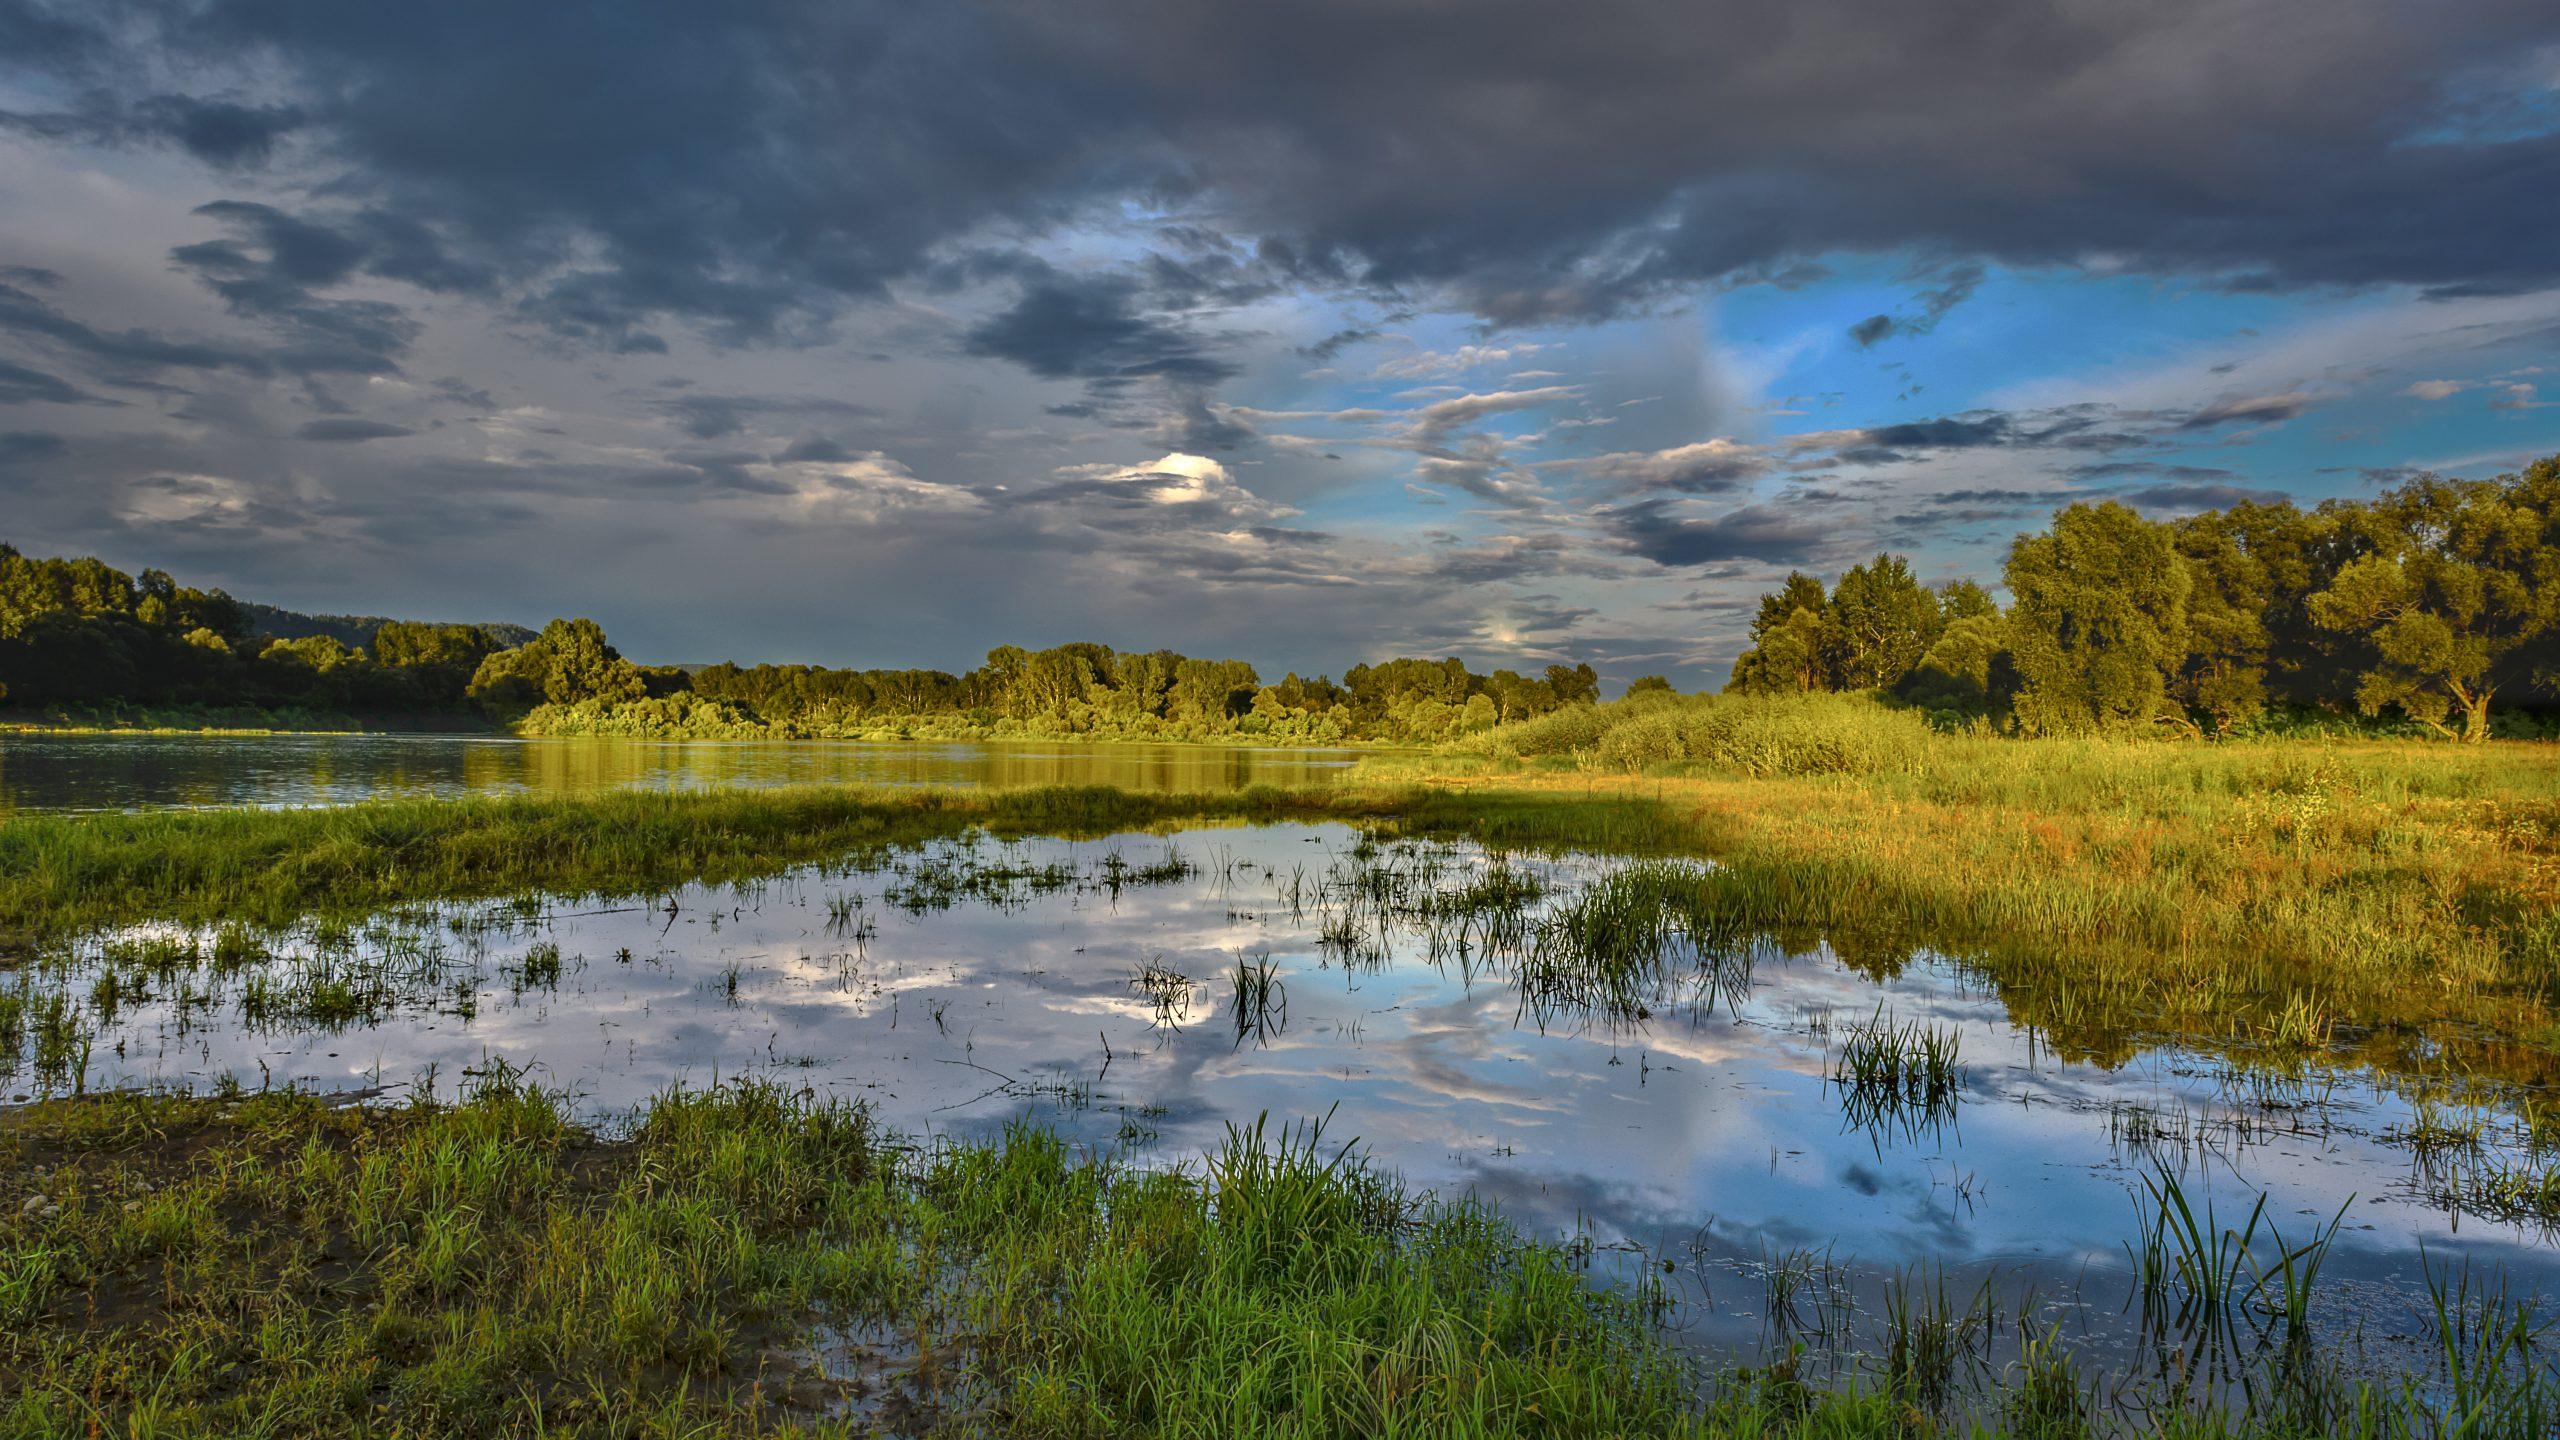 Cloudy sky over beautiful flood plain landscape. River landscape. Beautiful summer landscape with golden sunset. Flood plain of beautiful  river.